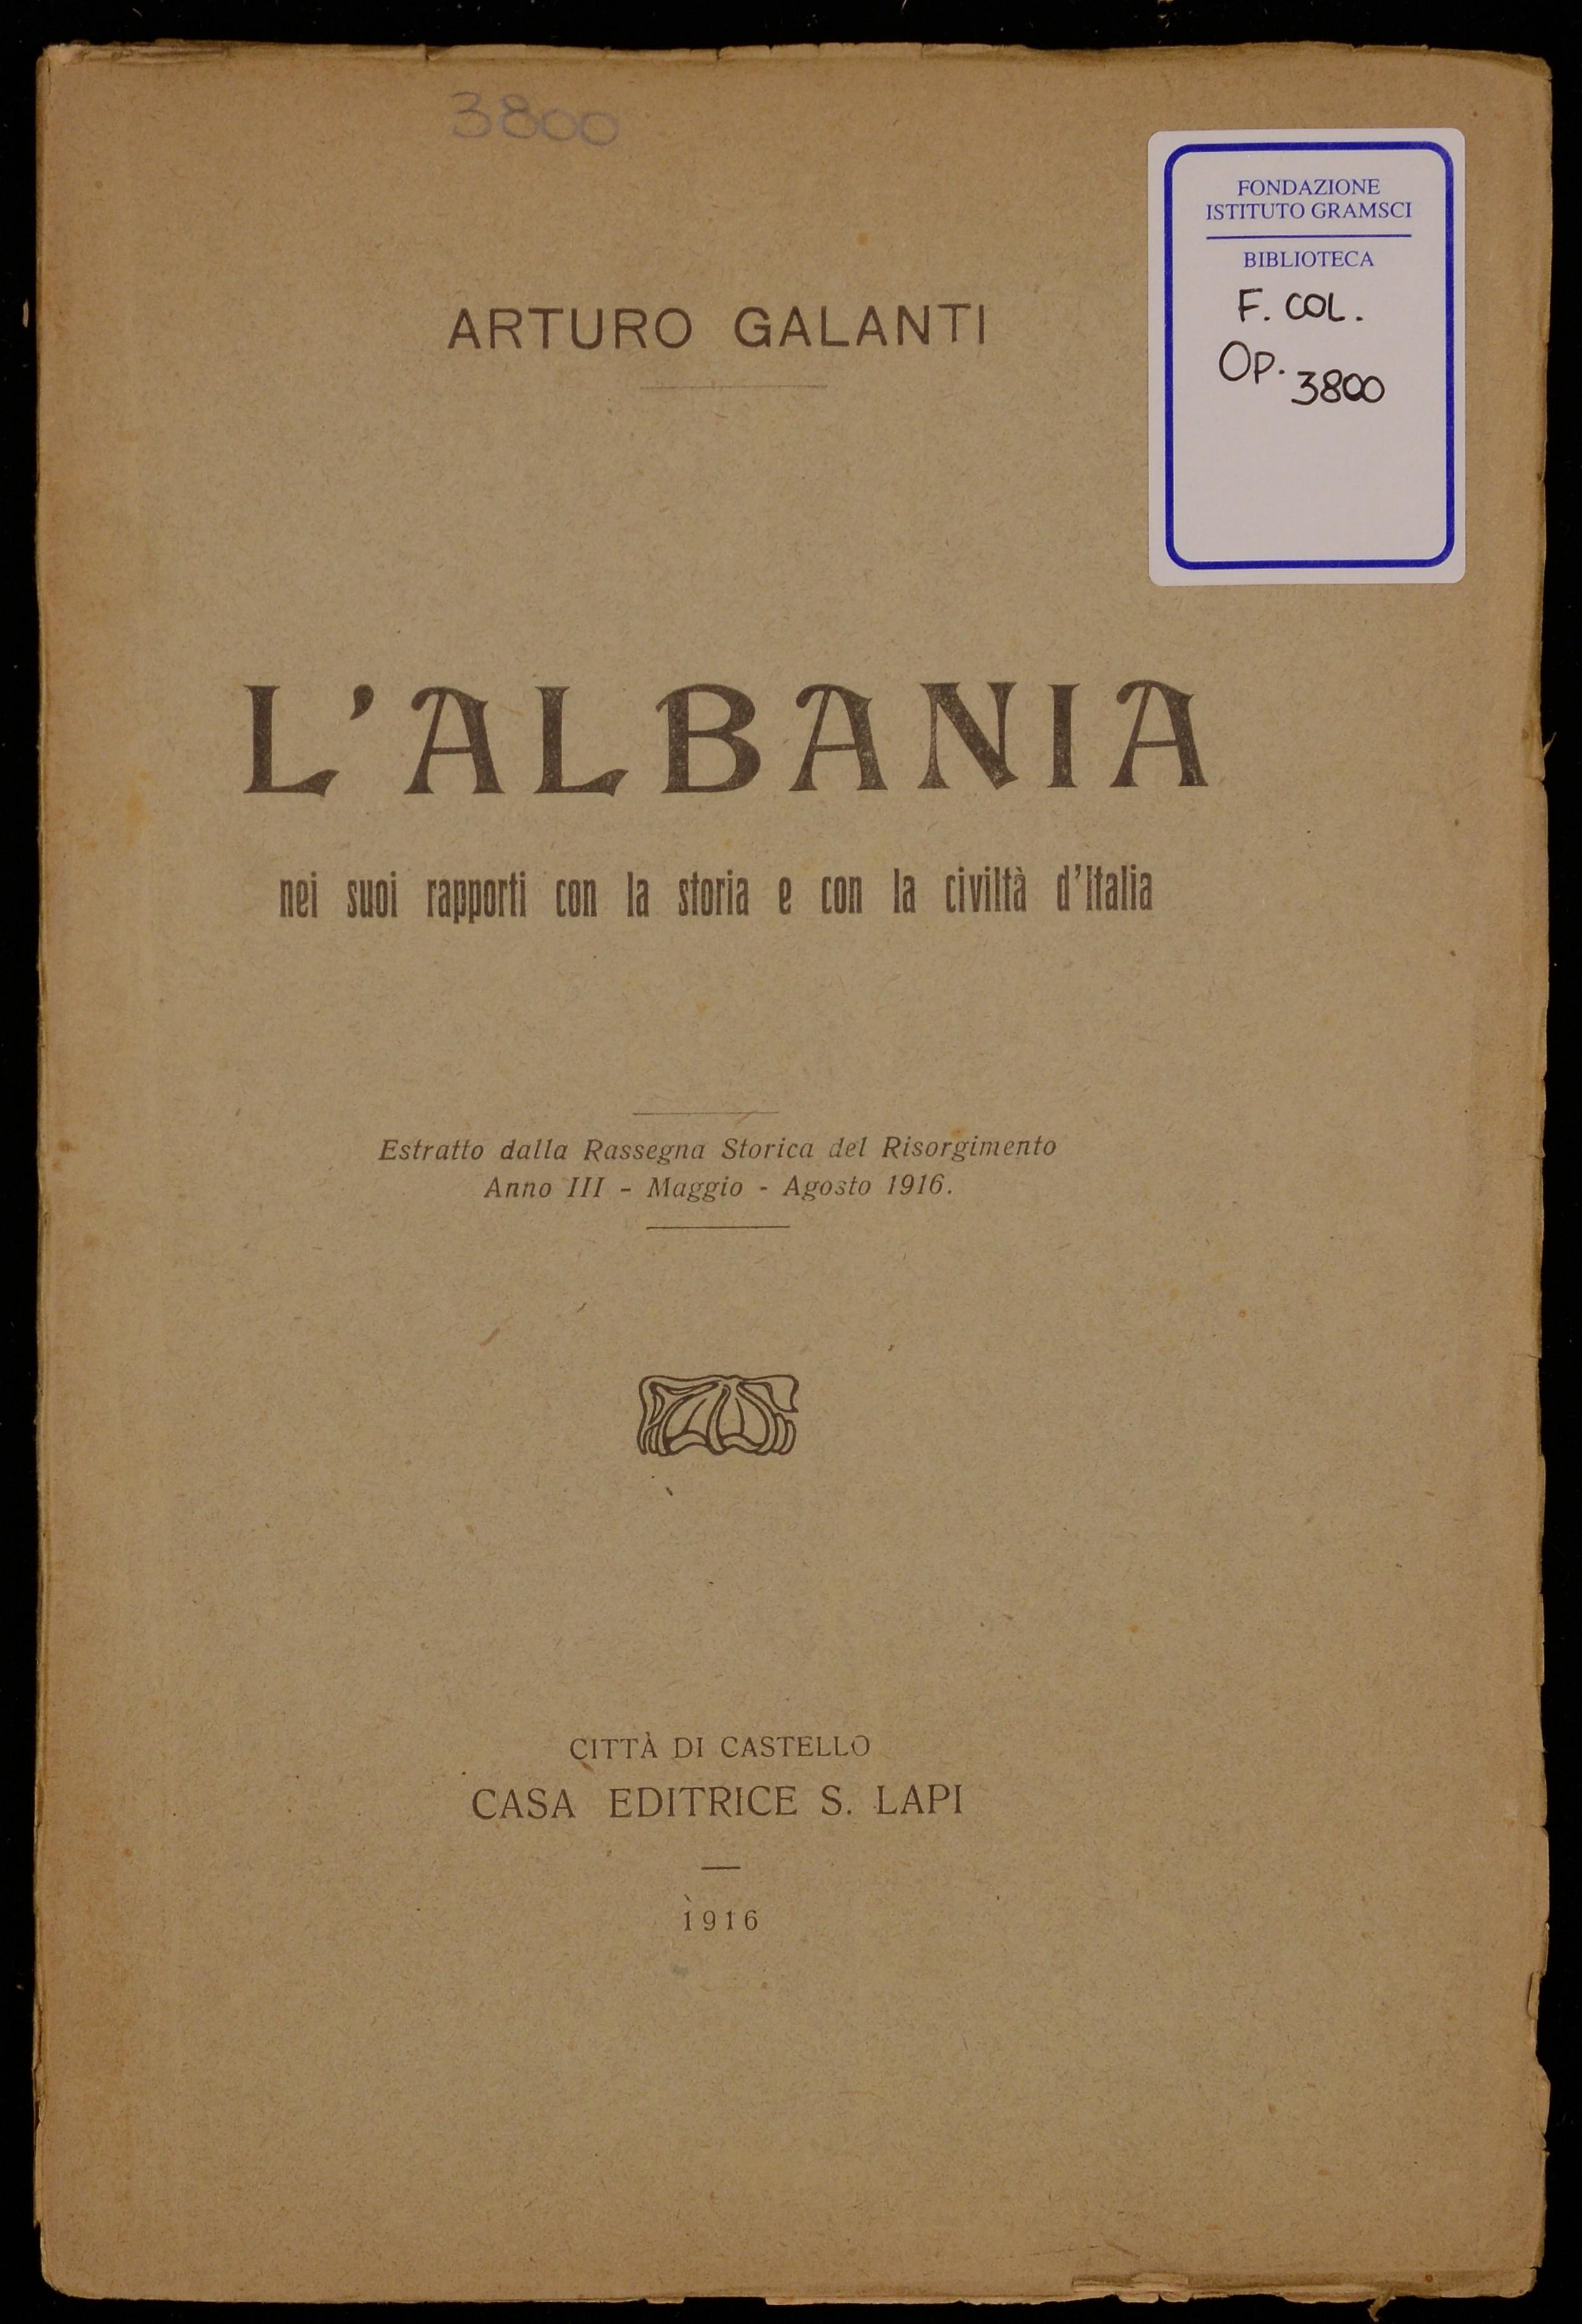 L'Albania nei suoi rapporti con la storia e con la civiltà d'Italia